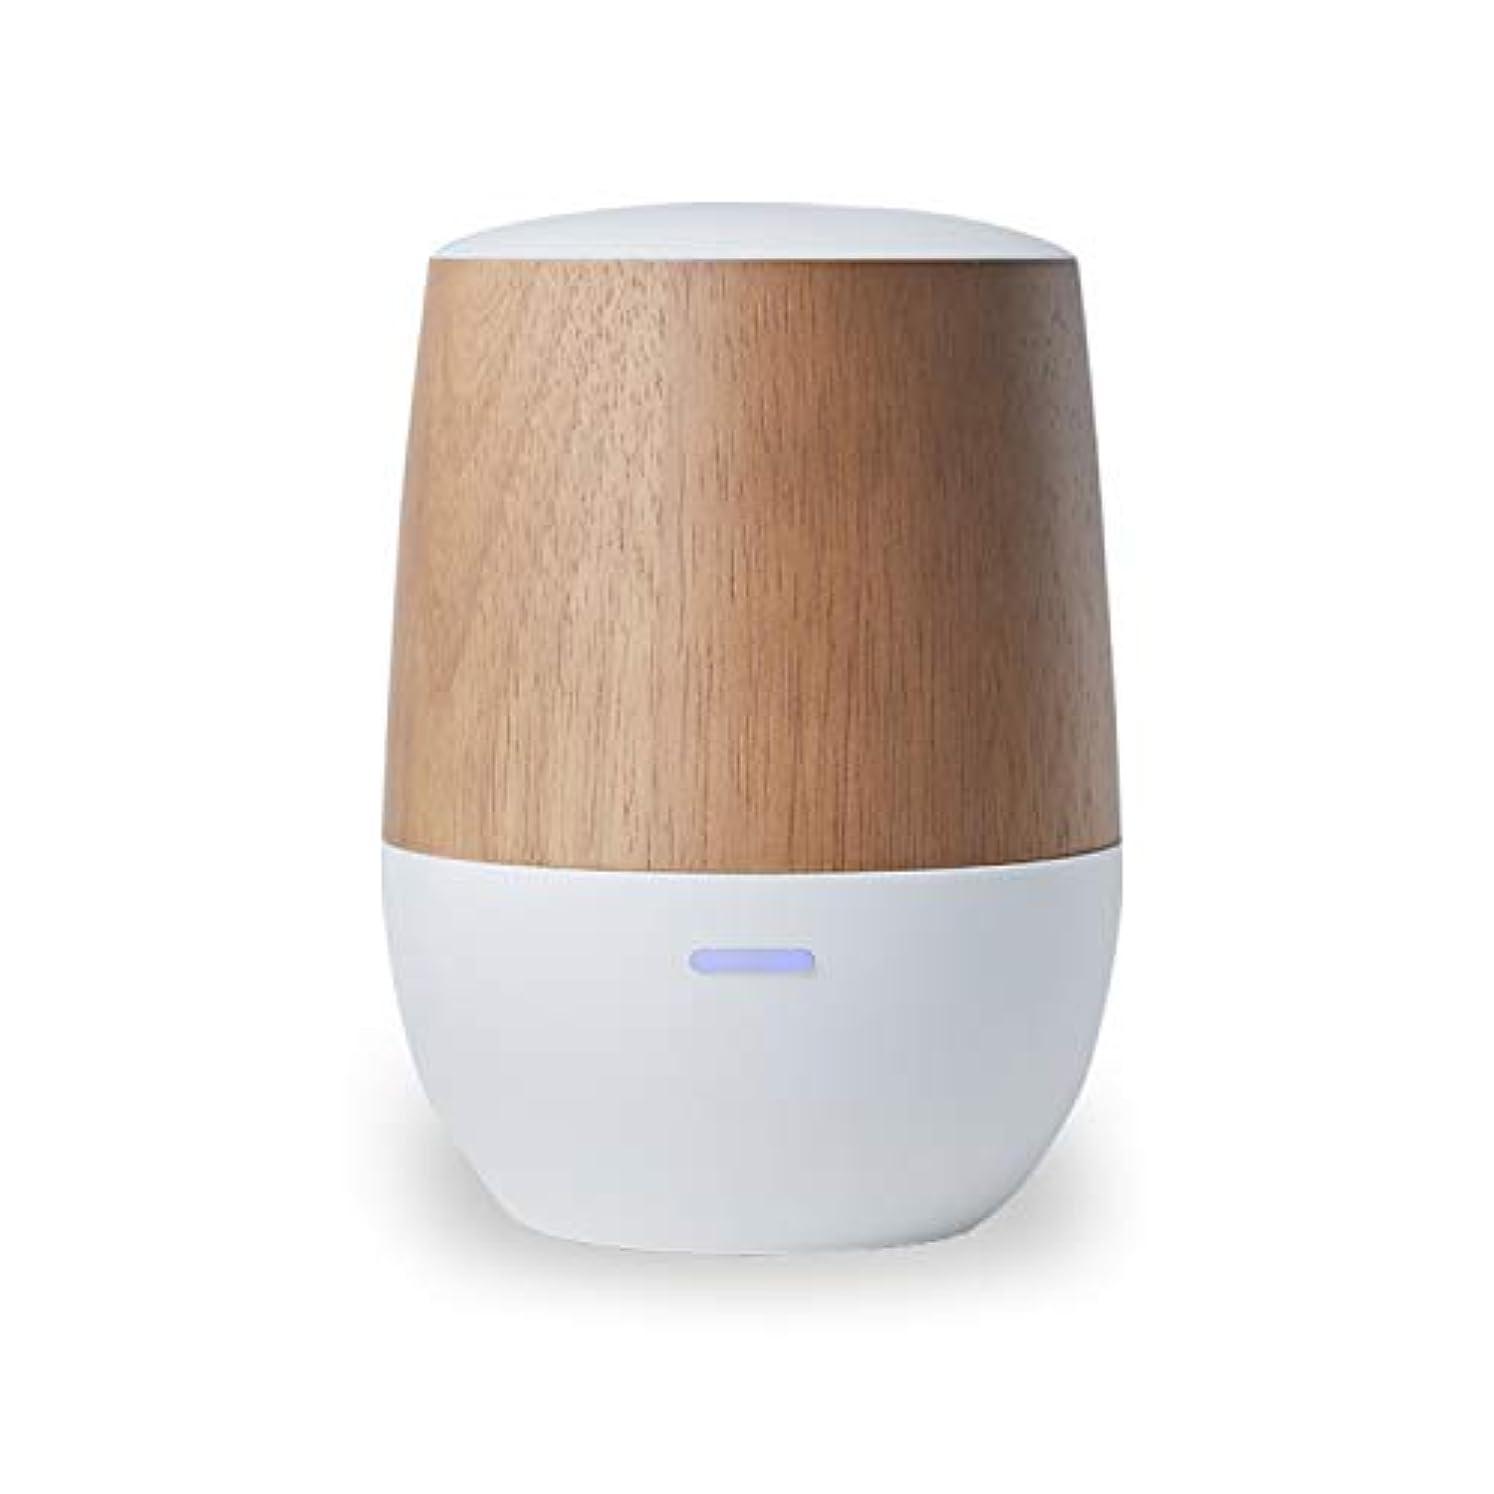 農村大工トリムLOWYA(ロウヤ)アロマディフューザー 水を使わない ネプライザー式 USB 木目 小型 1年保証 アロマオイル対応 ホワイト/ウッド